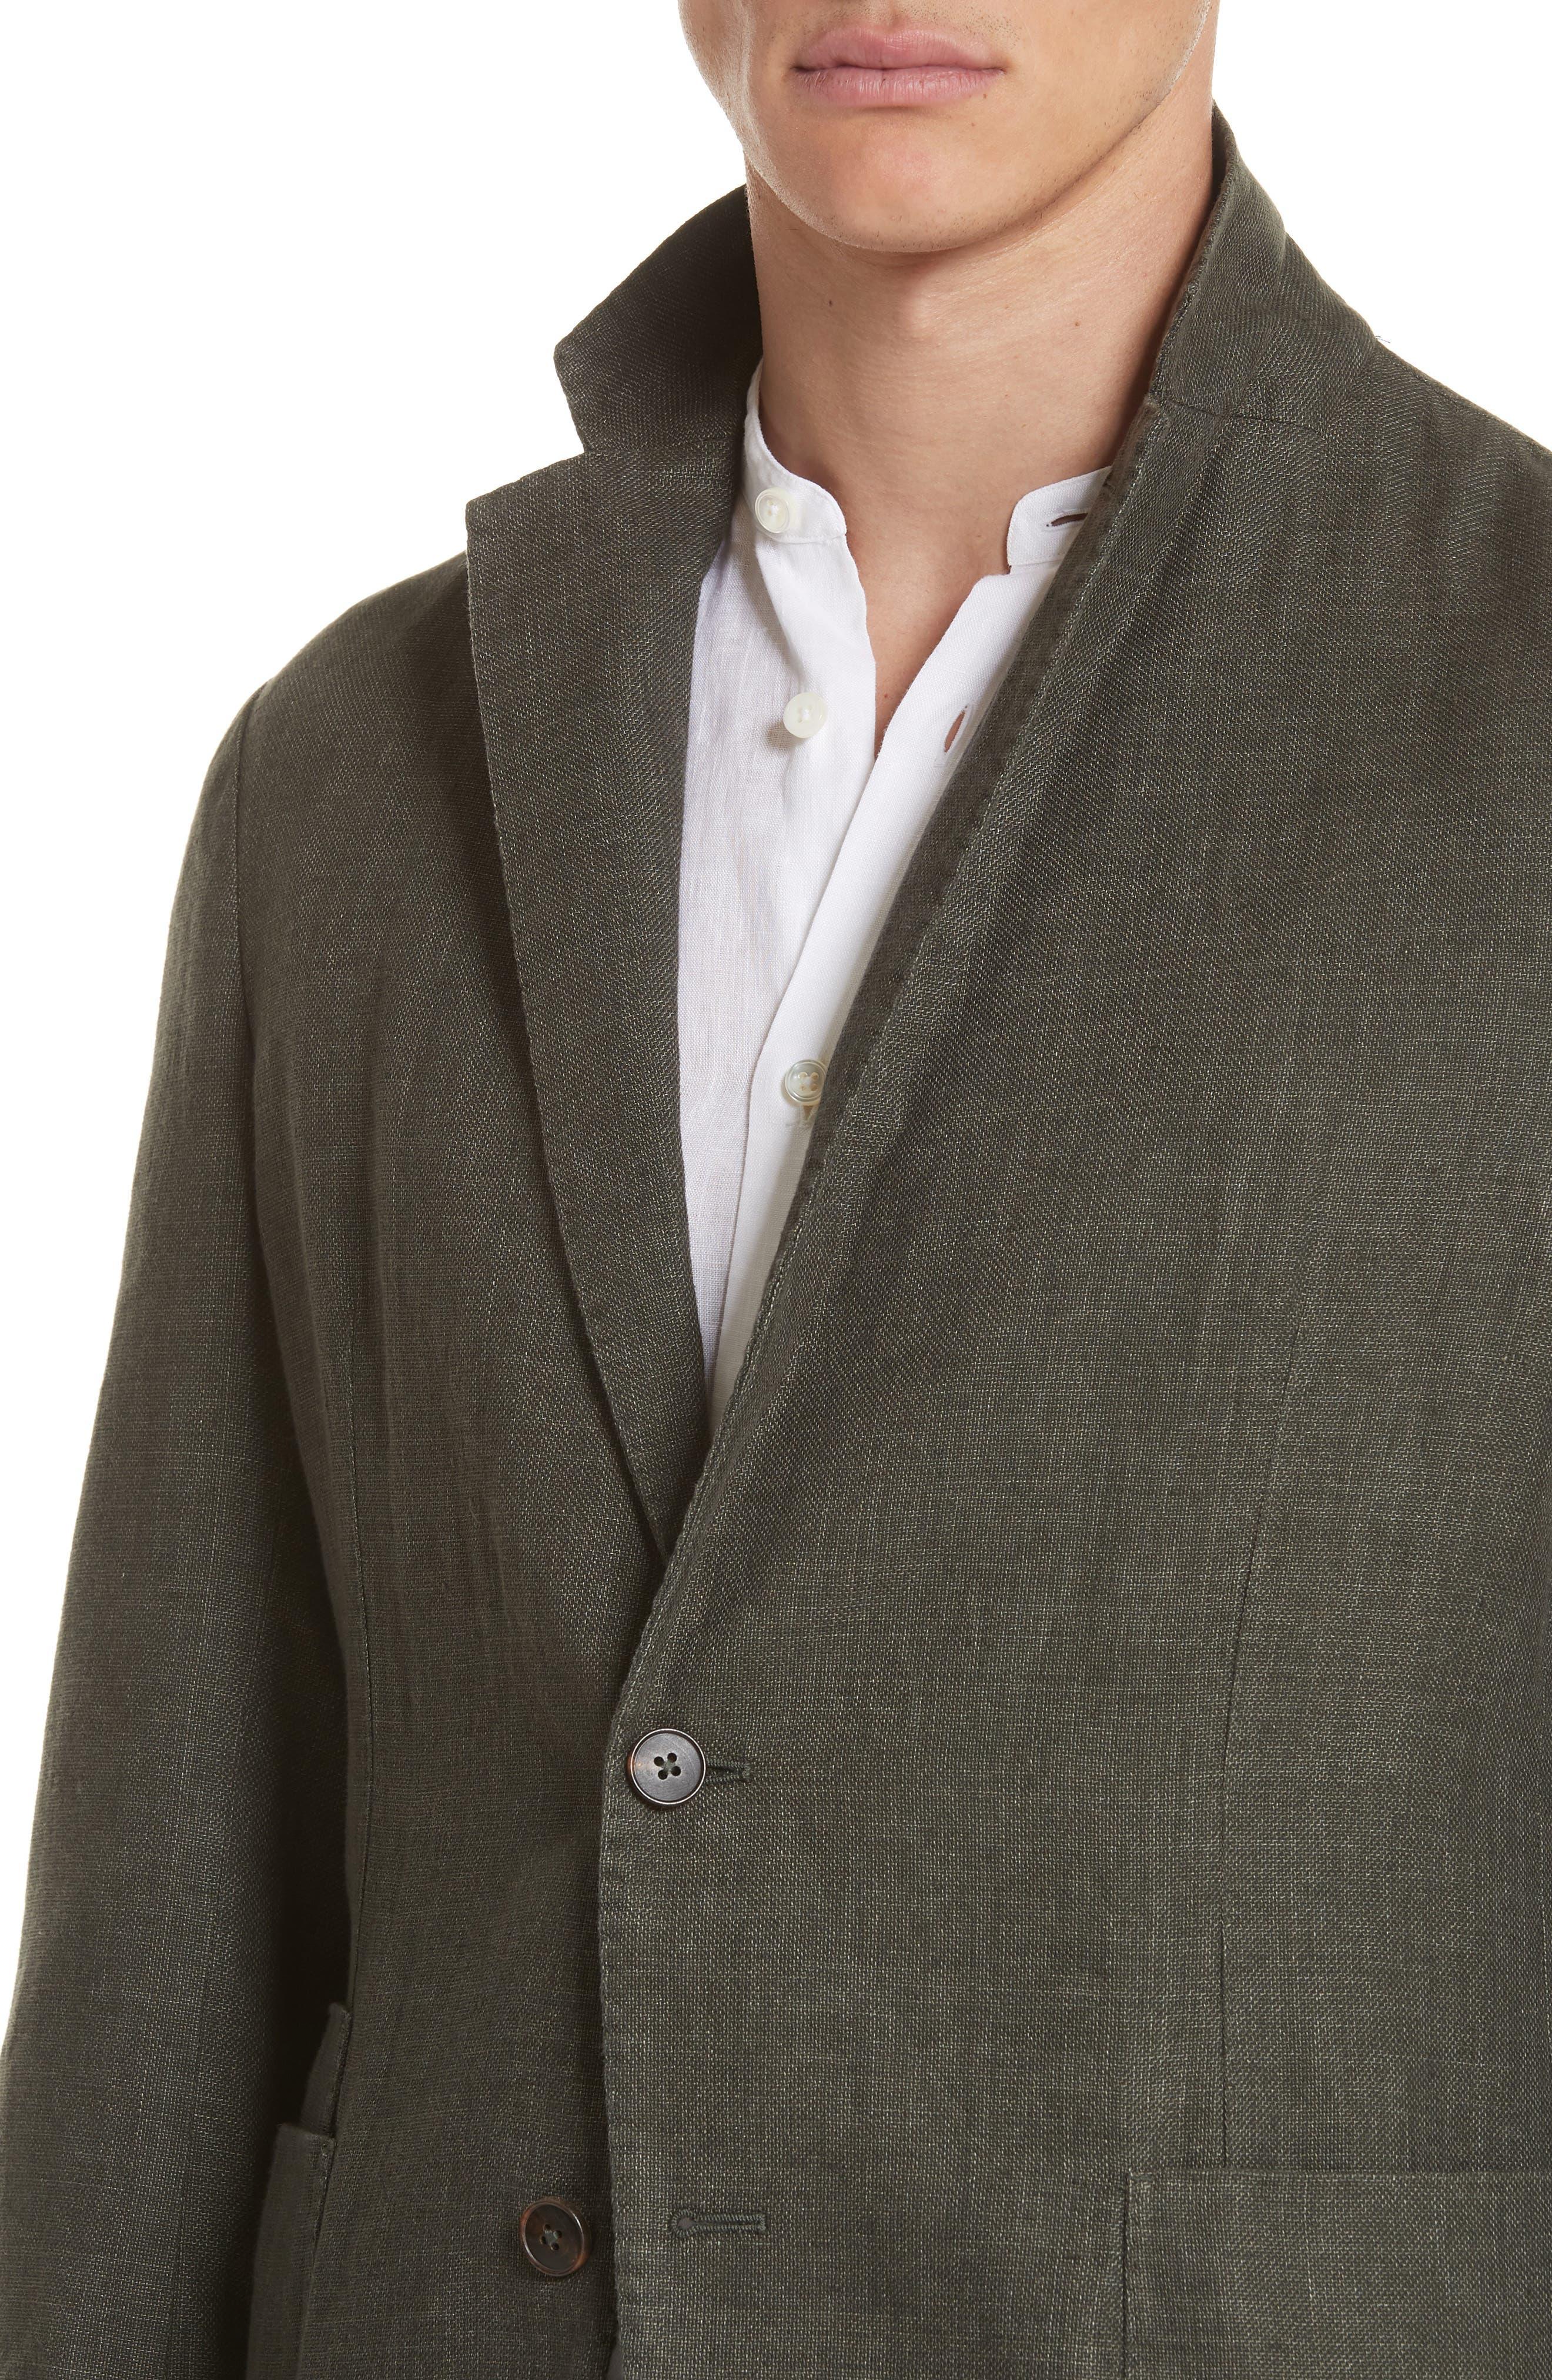 Trim Fit Linen & Cotton Blazer,                             Alternate thumbnail 4, color,                             302